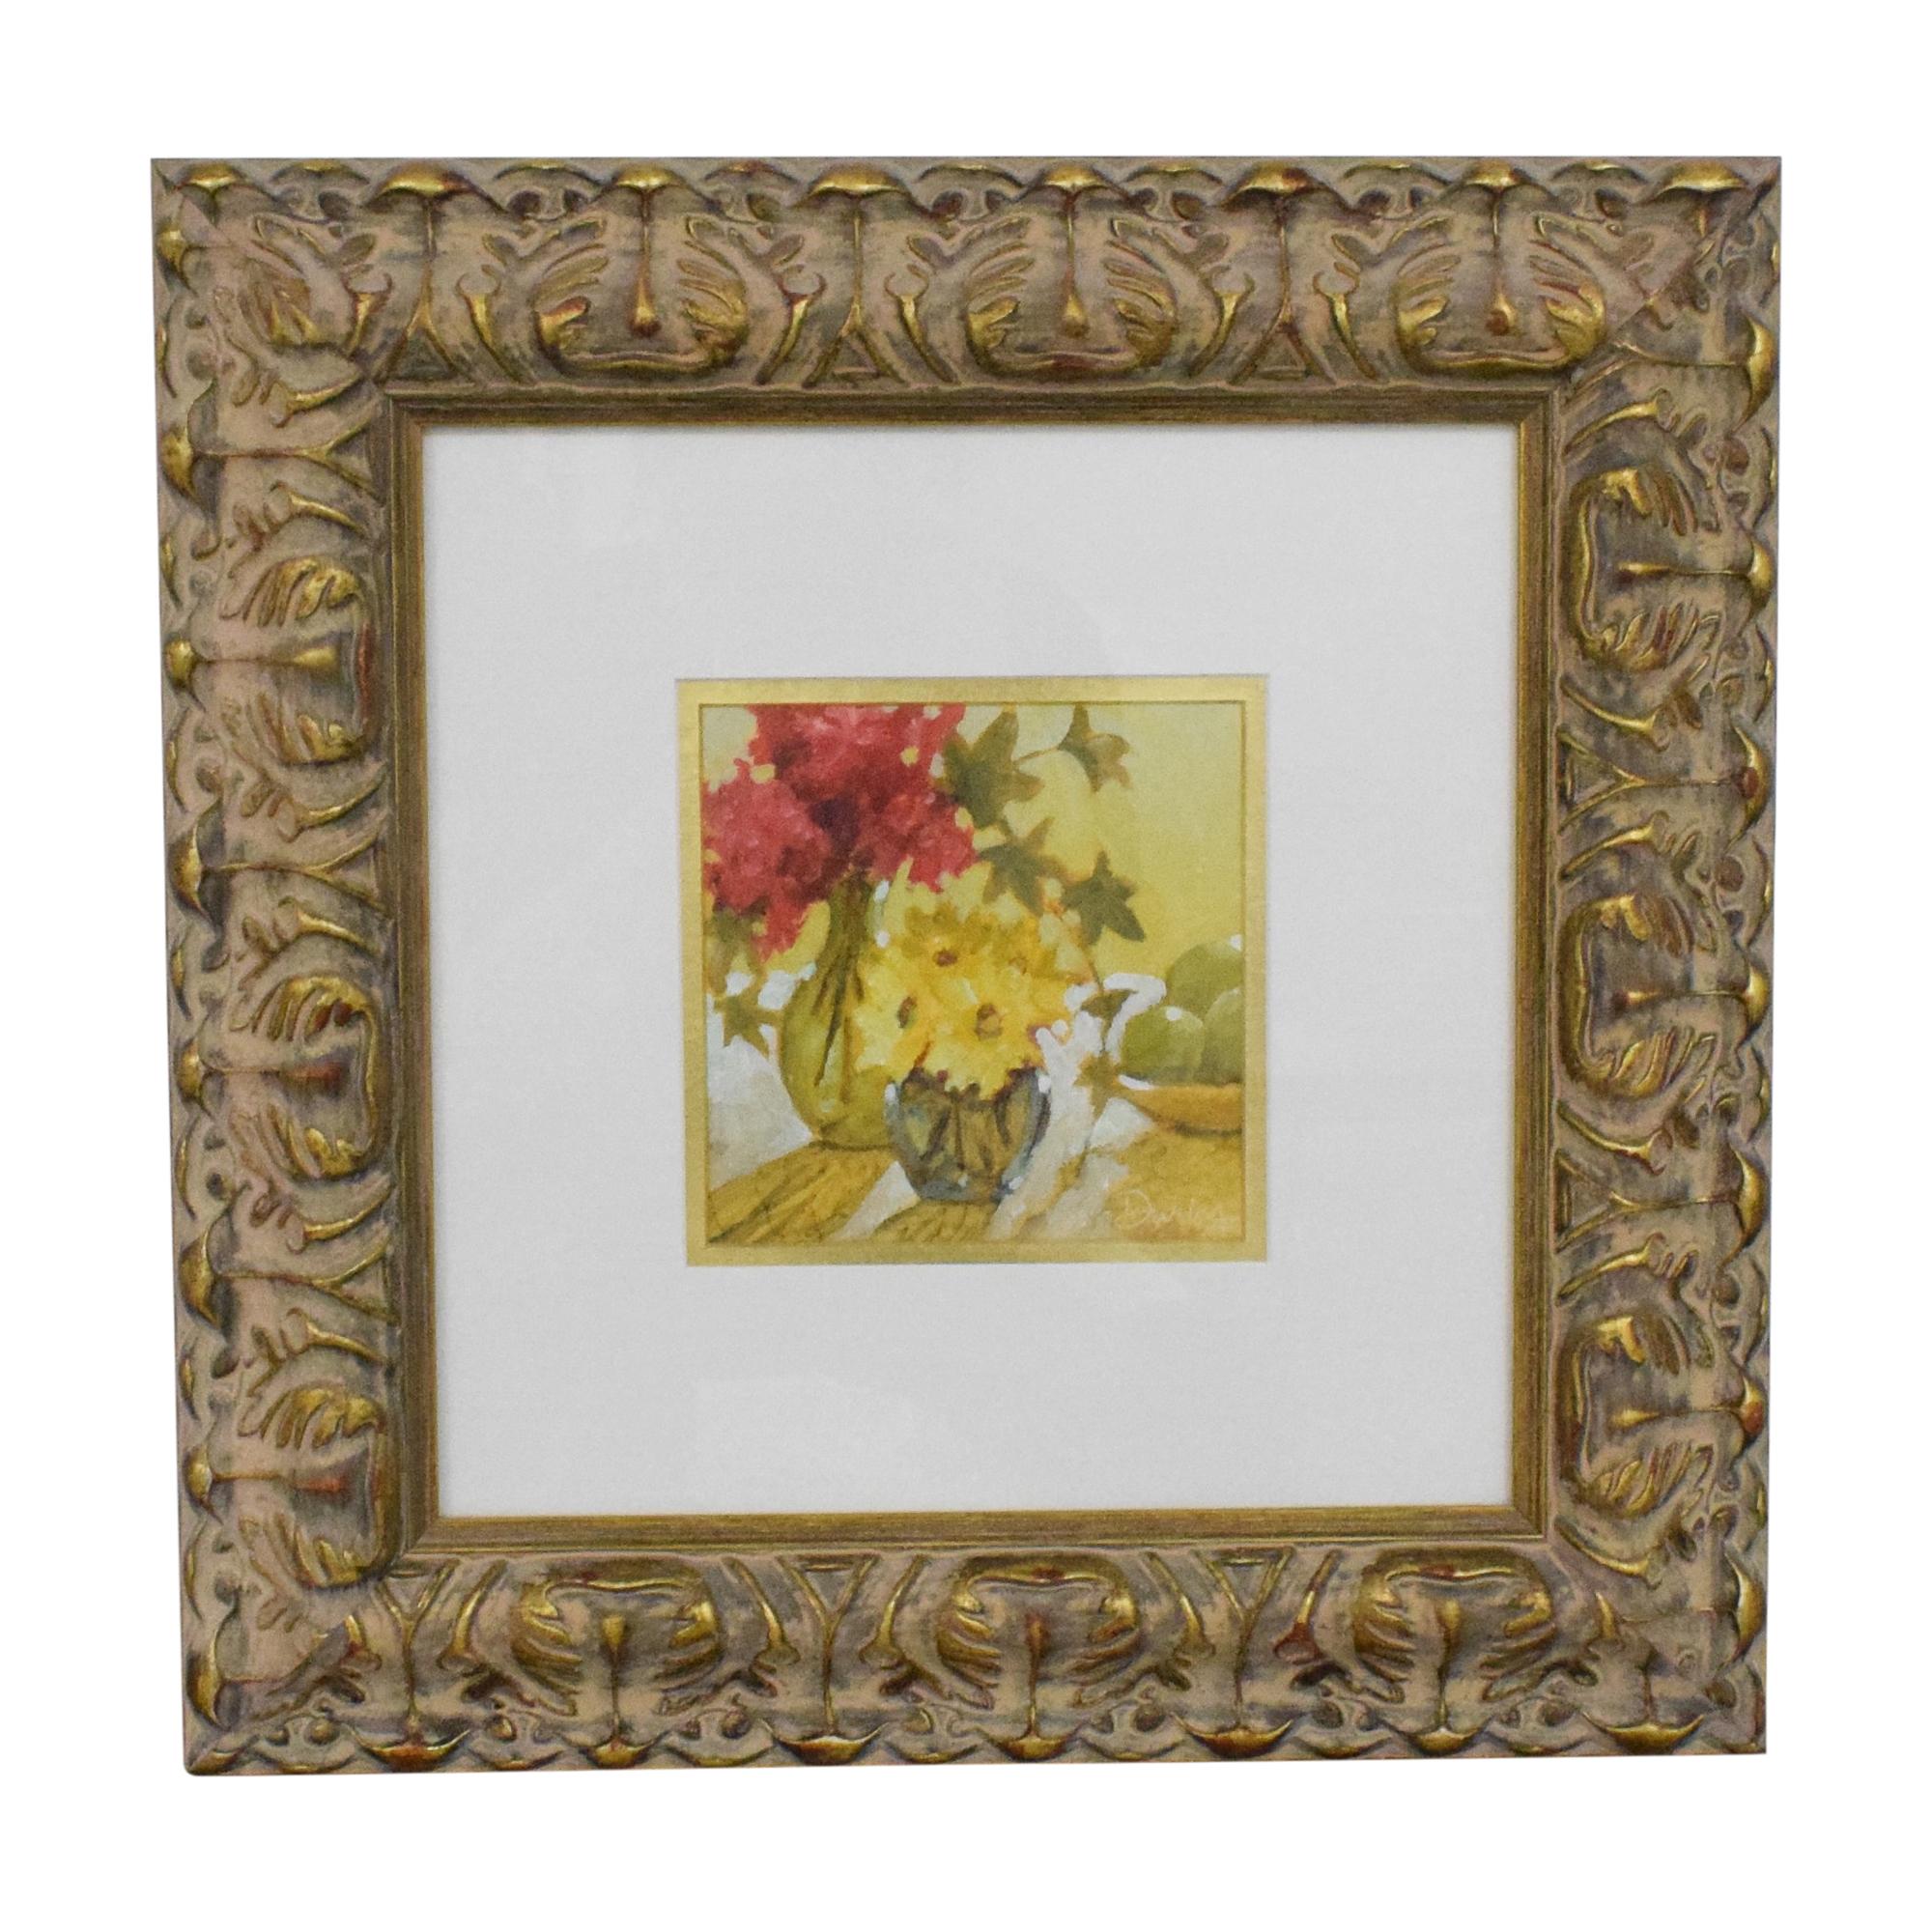 Ethan Allen Ethan Allen Flowers Framed Wall Art coupon